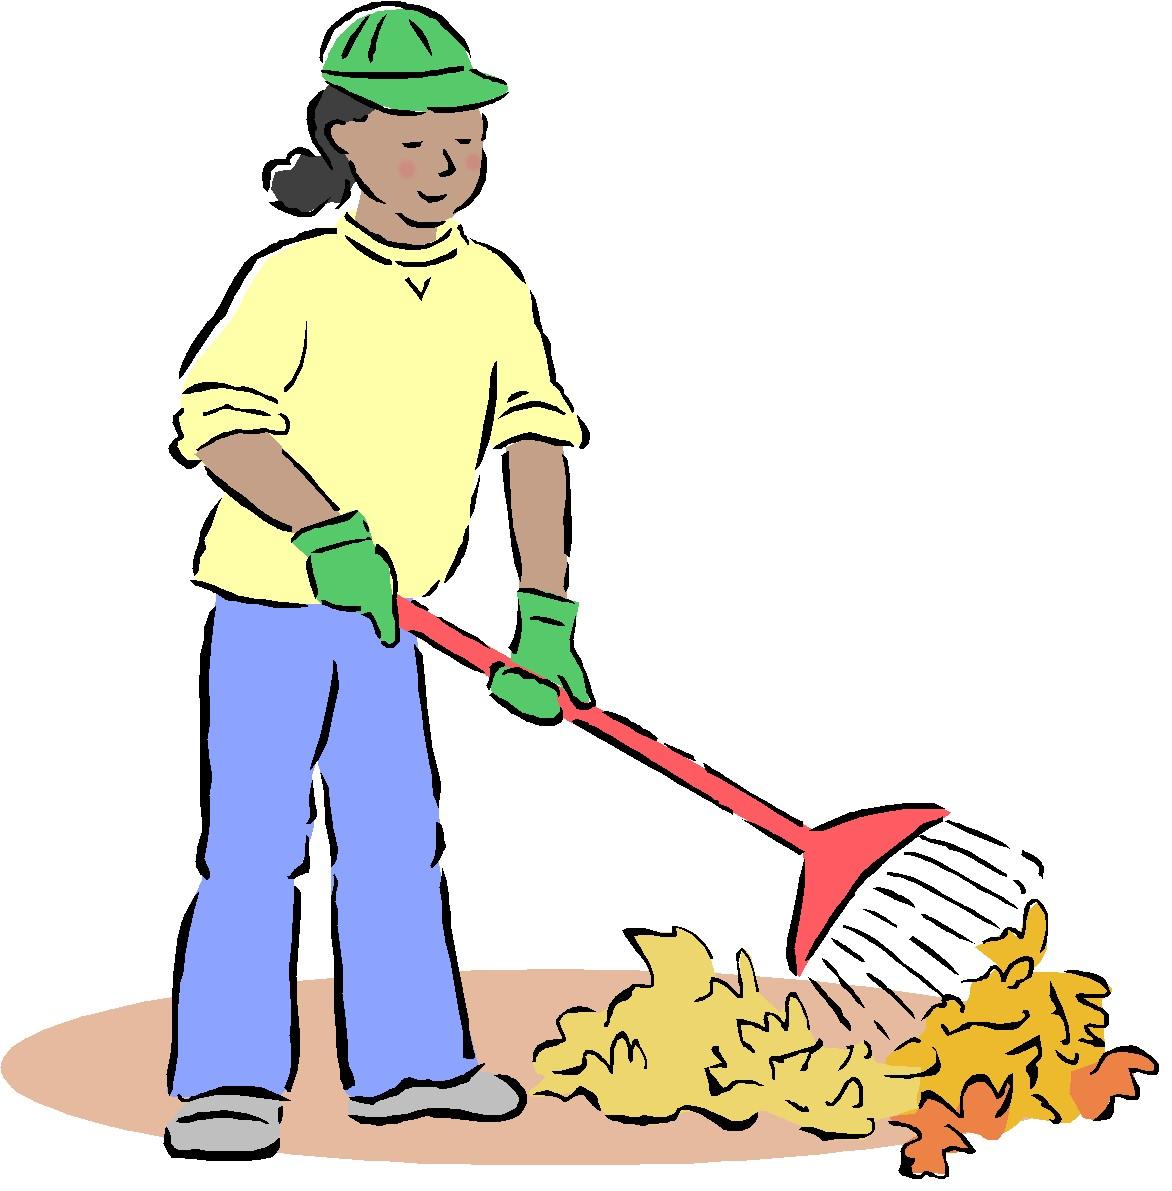 صور موضوع عن النظافة واهميتها